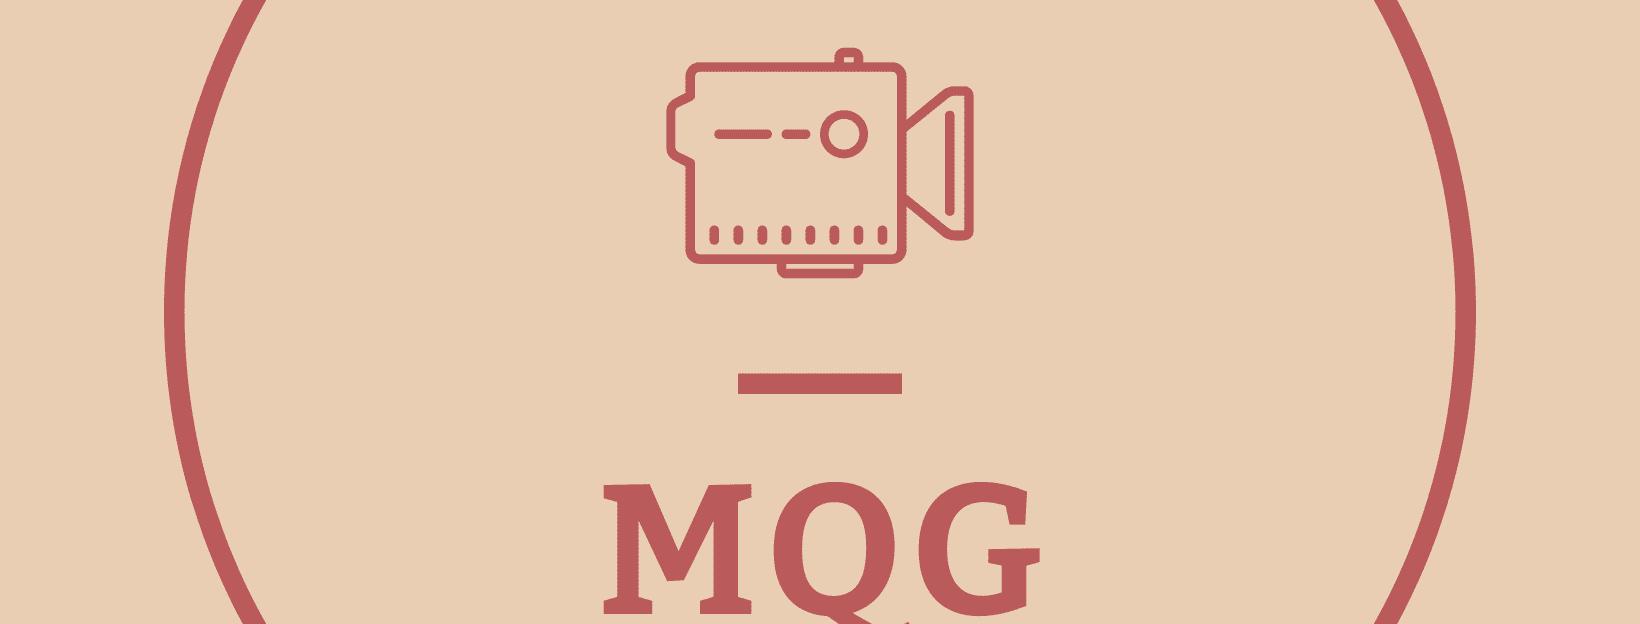 MQG / hide3929